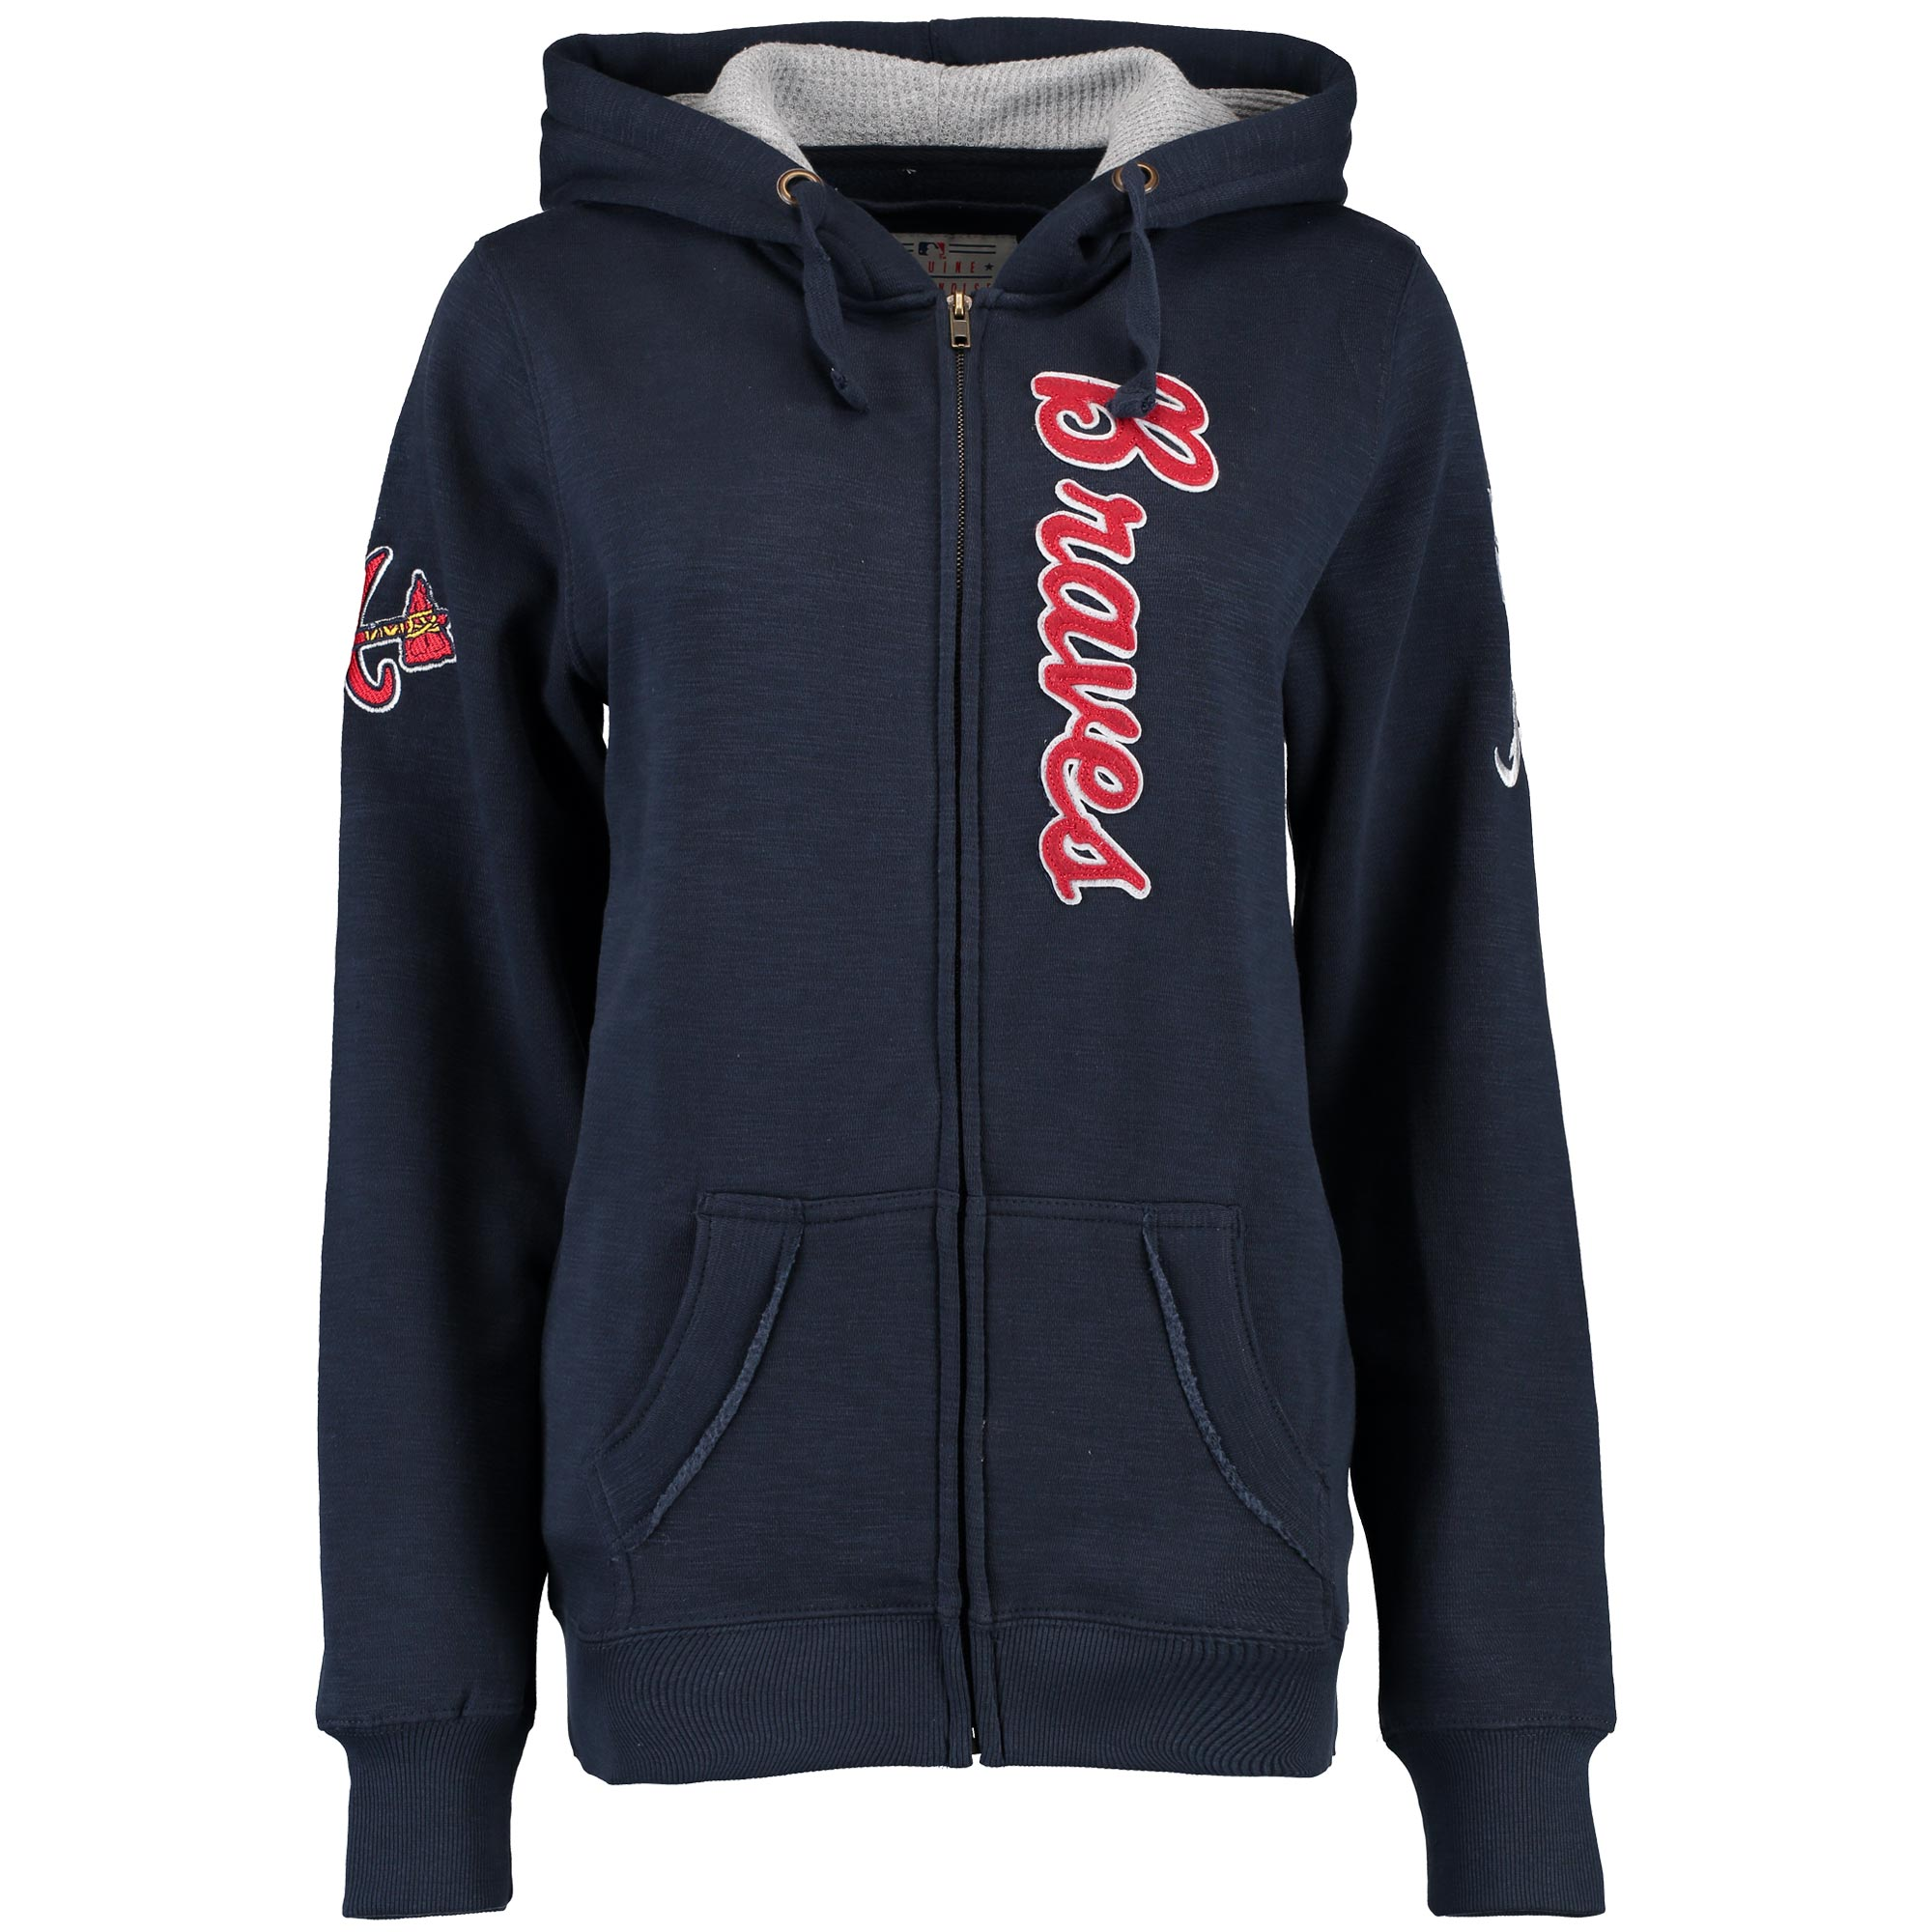 Atlanta Braves Soft as a Grape Women's Vintage Slub Full-Zip Hoodie - Navy